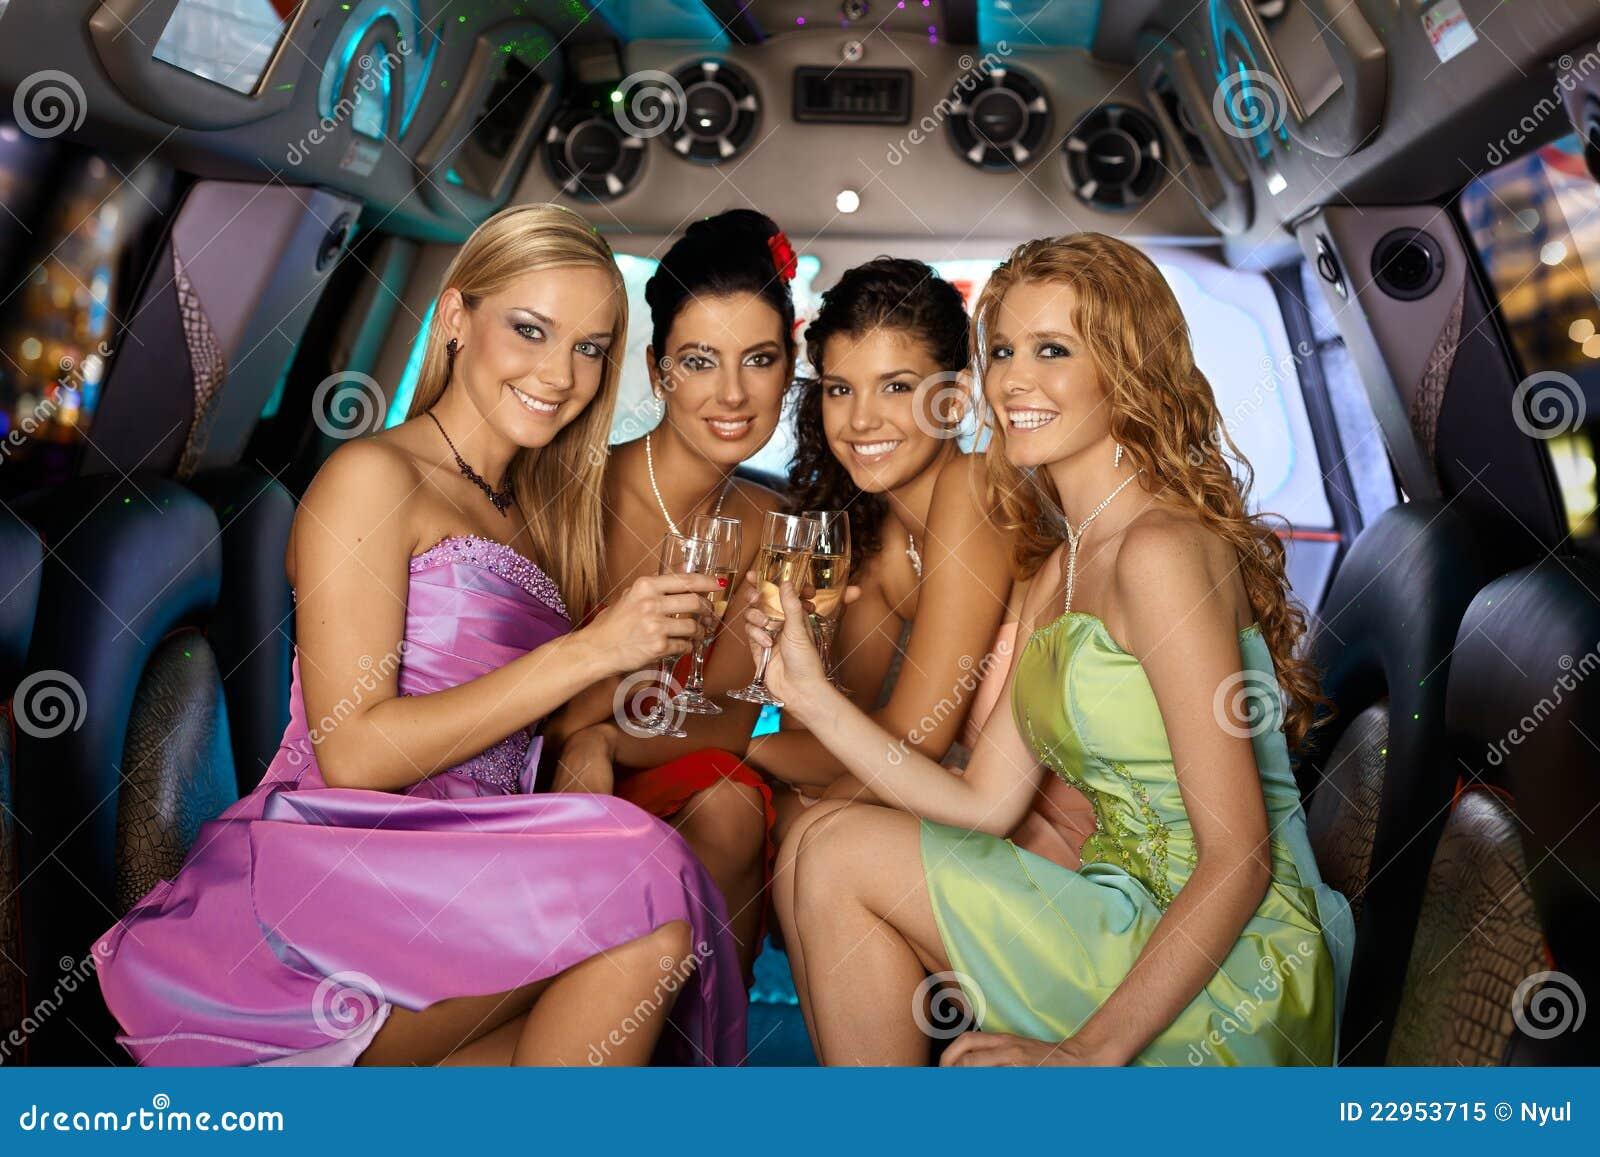 Русские женщины на вечеринках, Русские порно вечеринки: смотреть секс видео онлайн 24 фотография